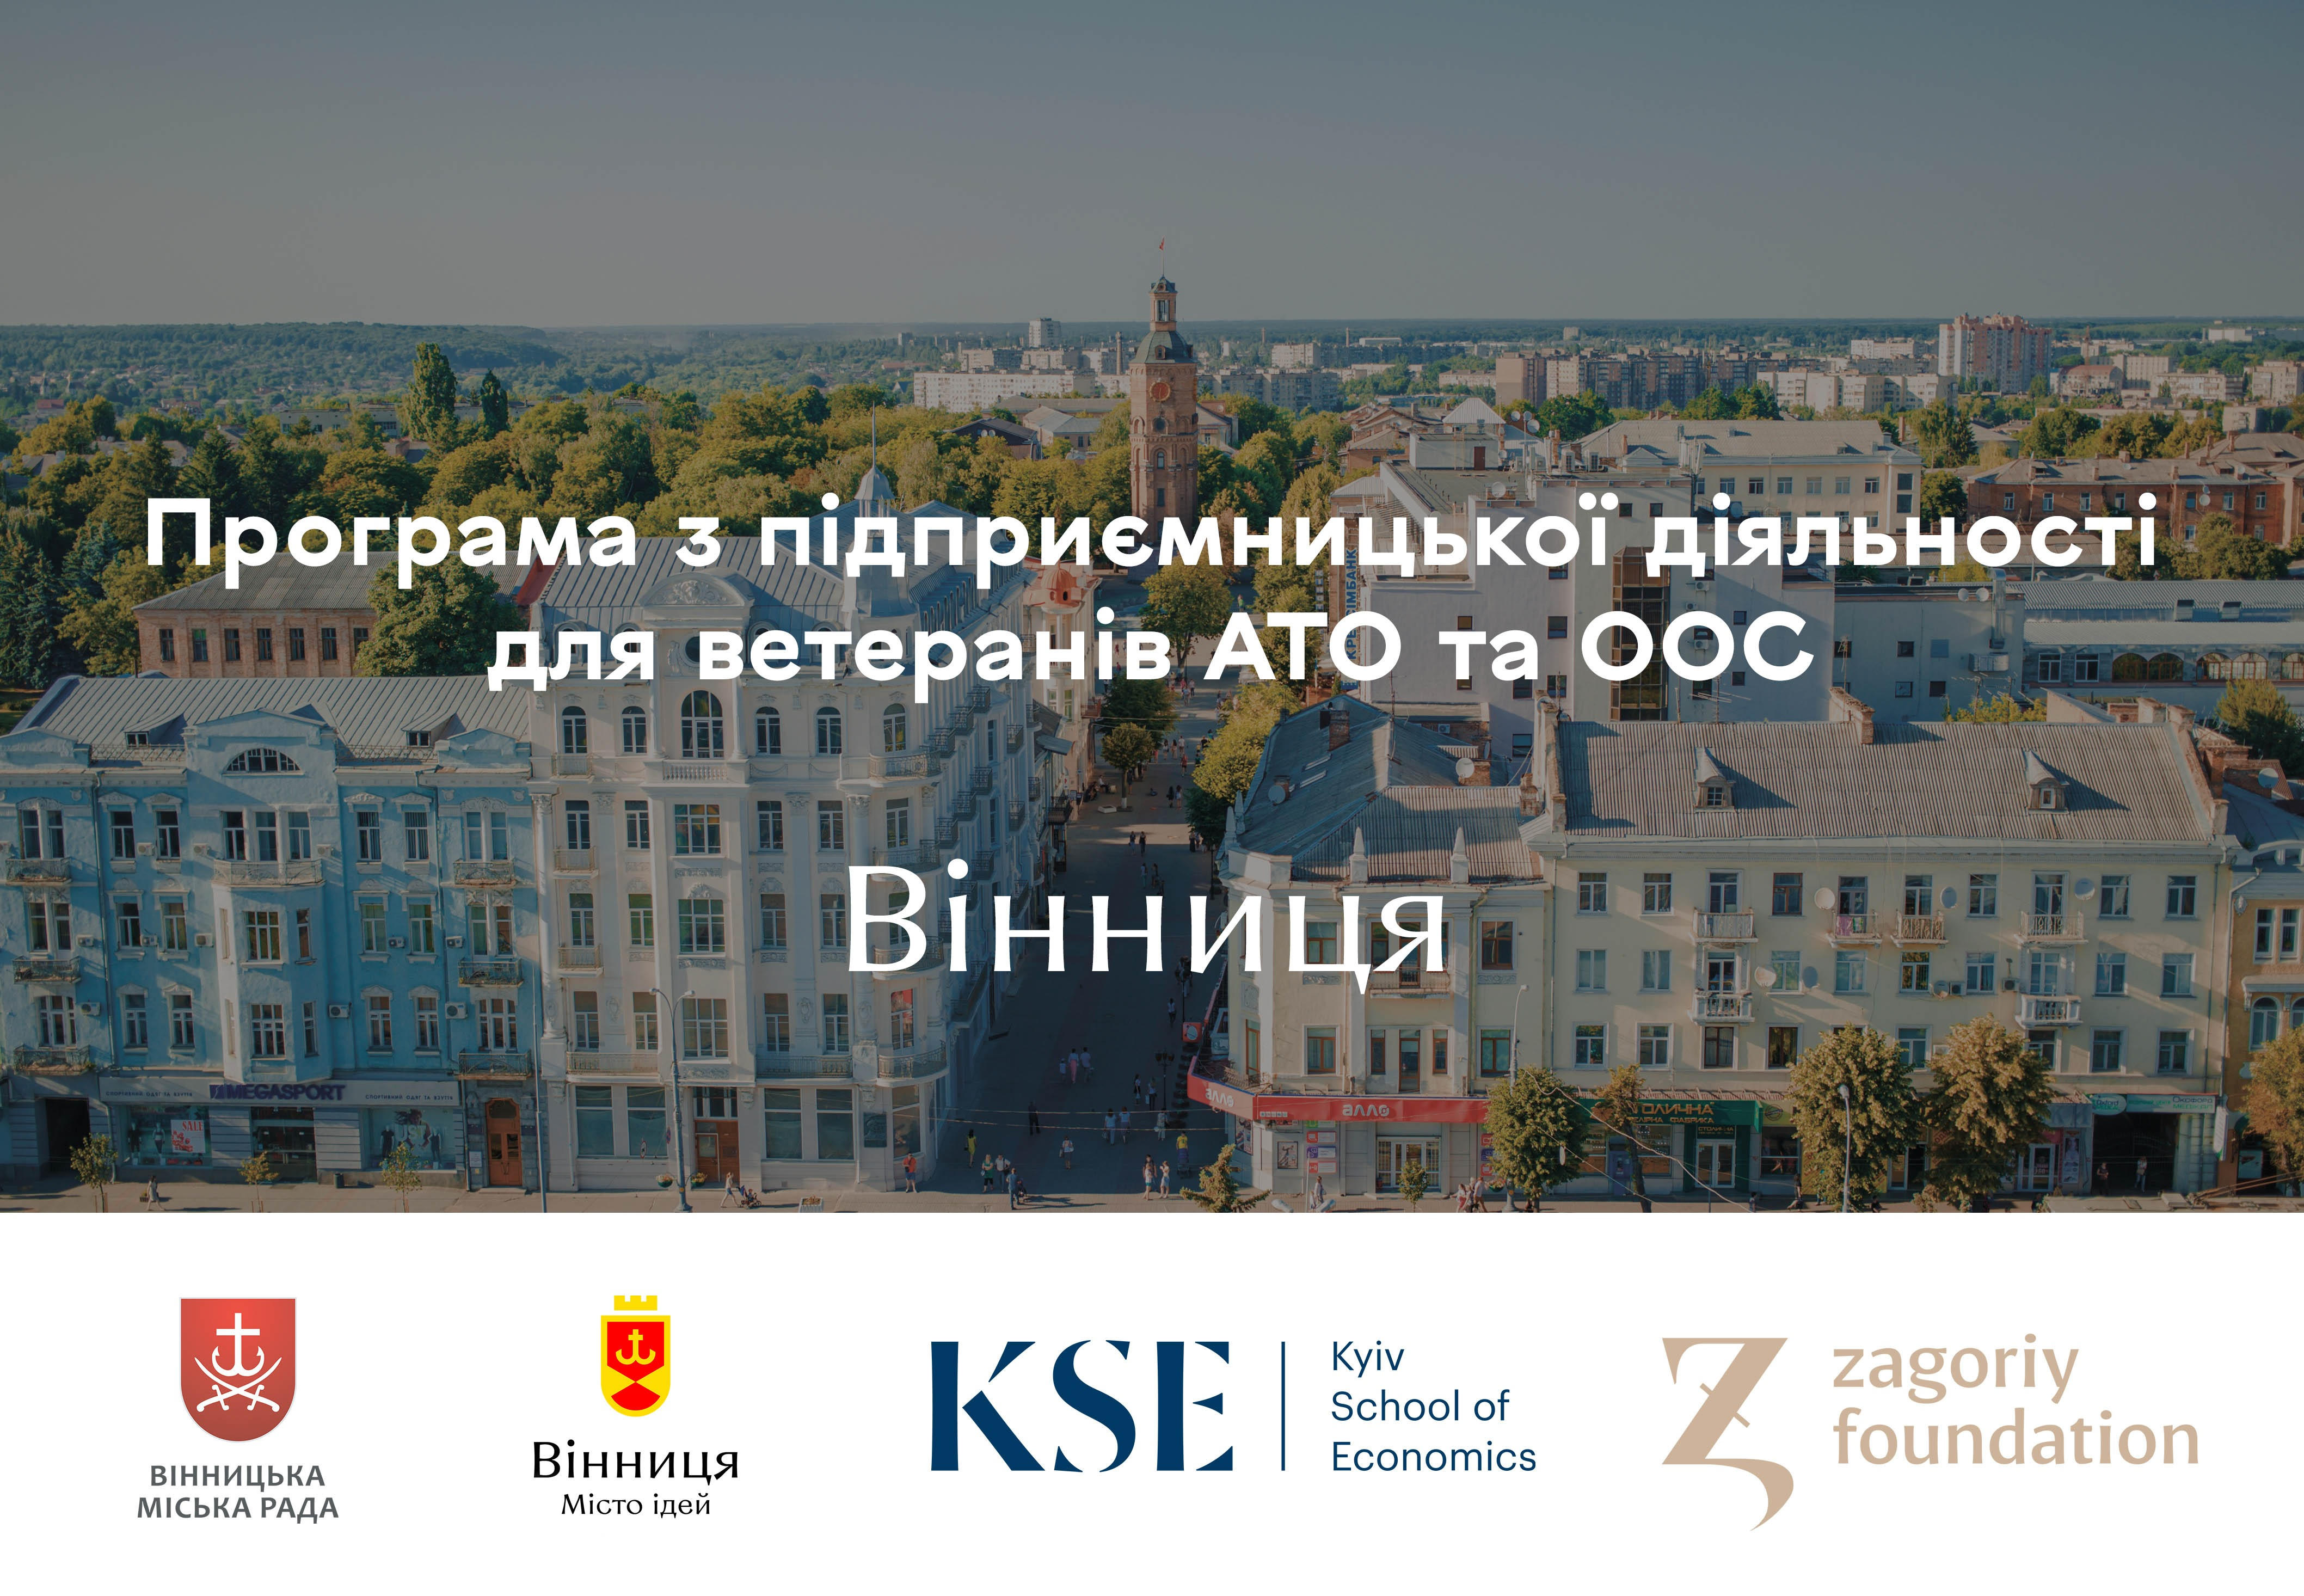 Програма з підприємницької діяльності для ветеранів АТО та ООС у Вінниці